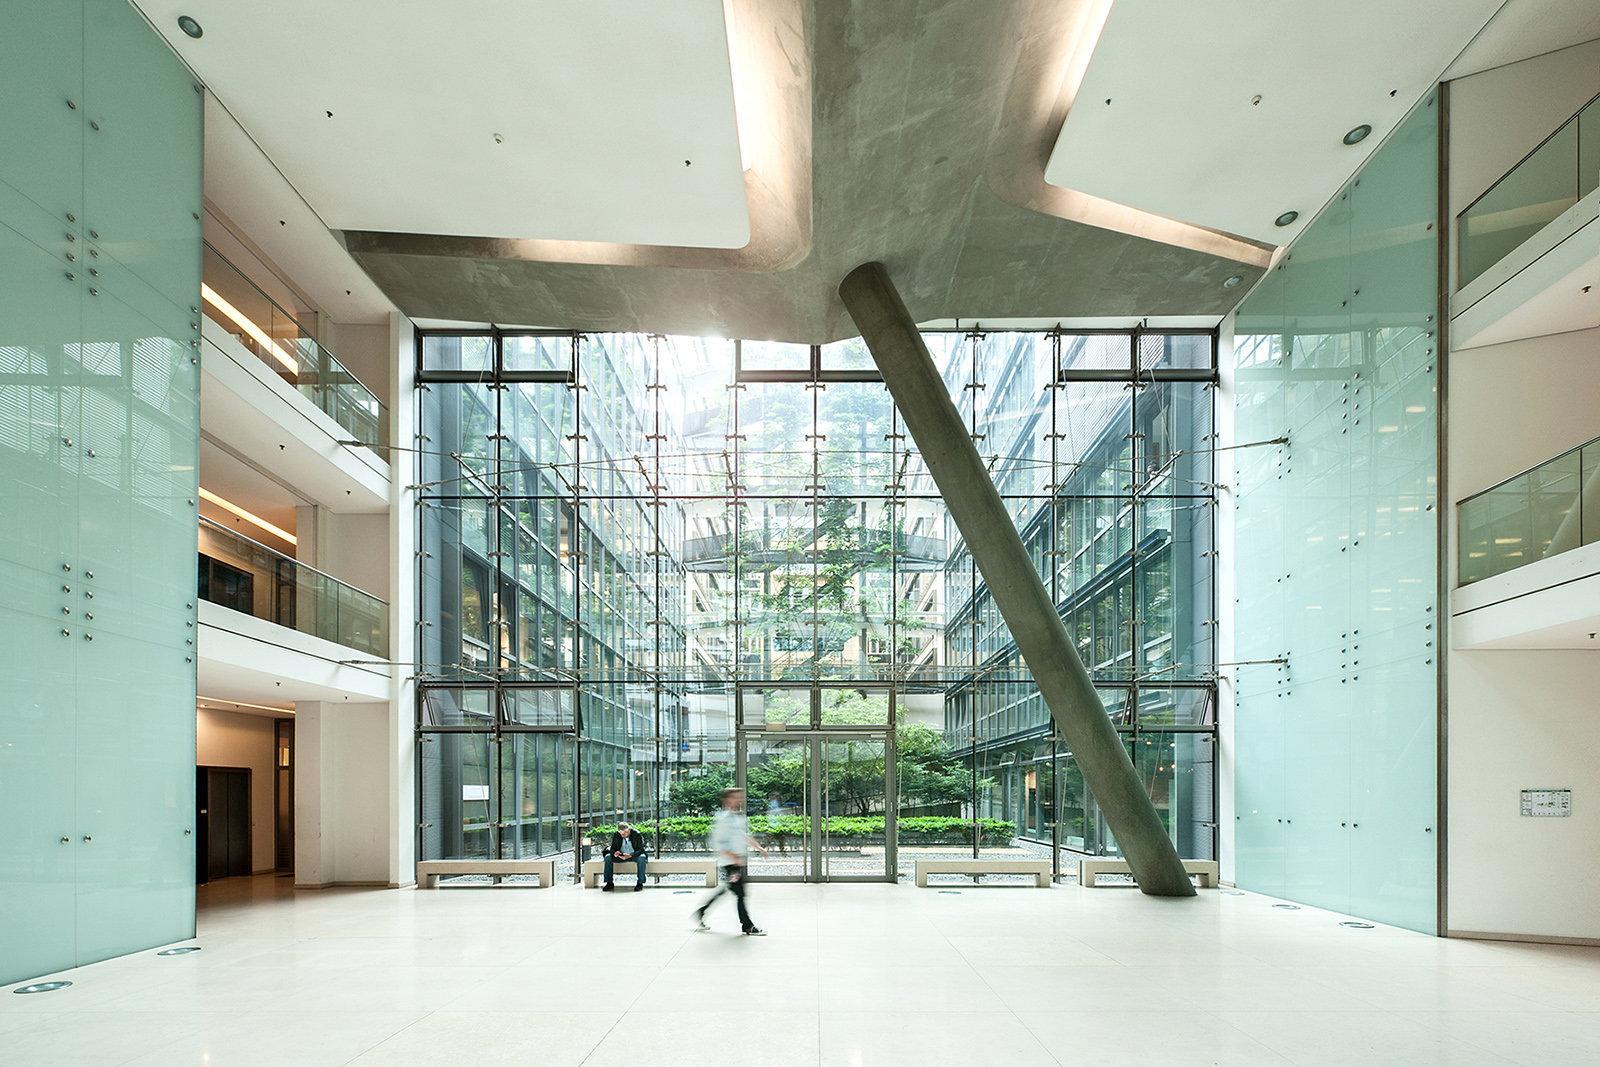 Interieur-Fotografie-ABC-Strasse-Atrium-6.jpg